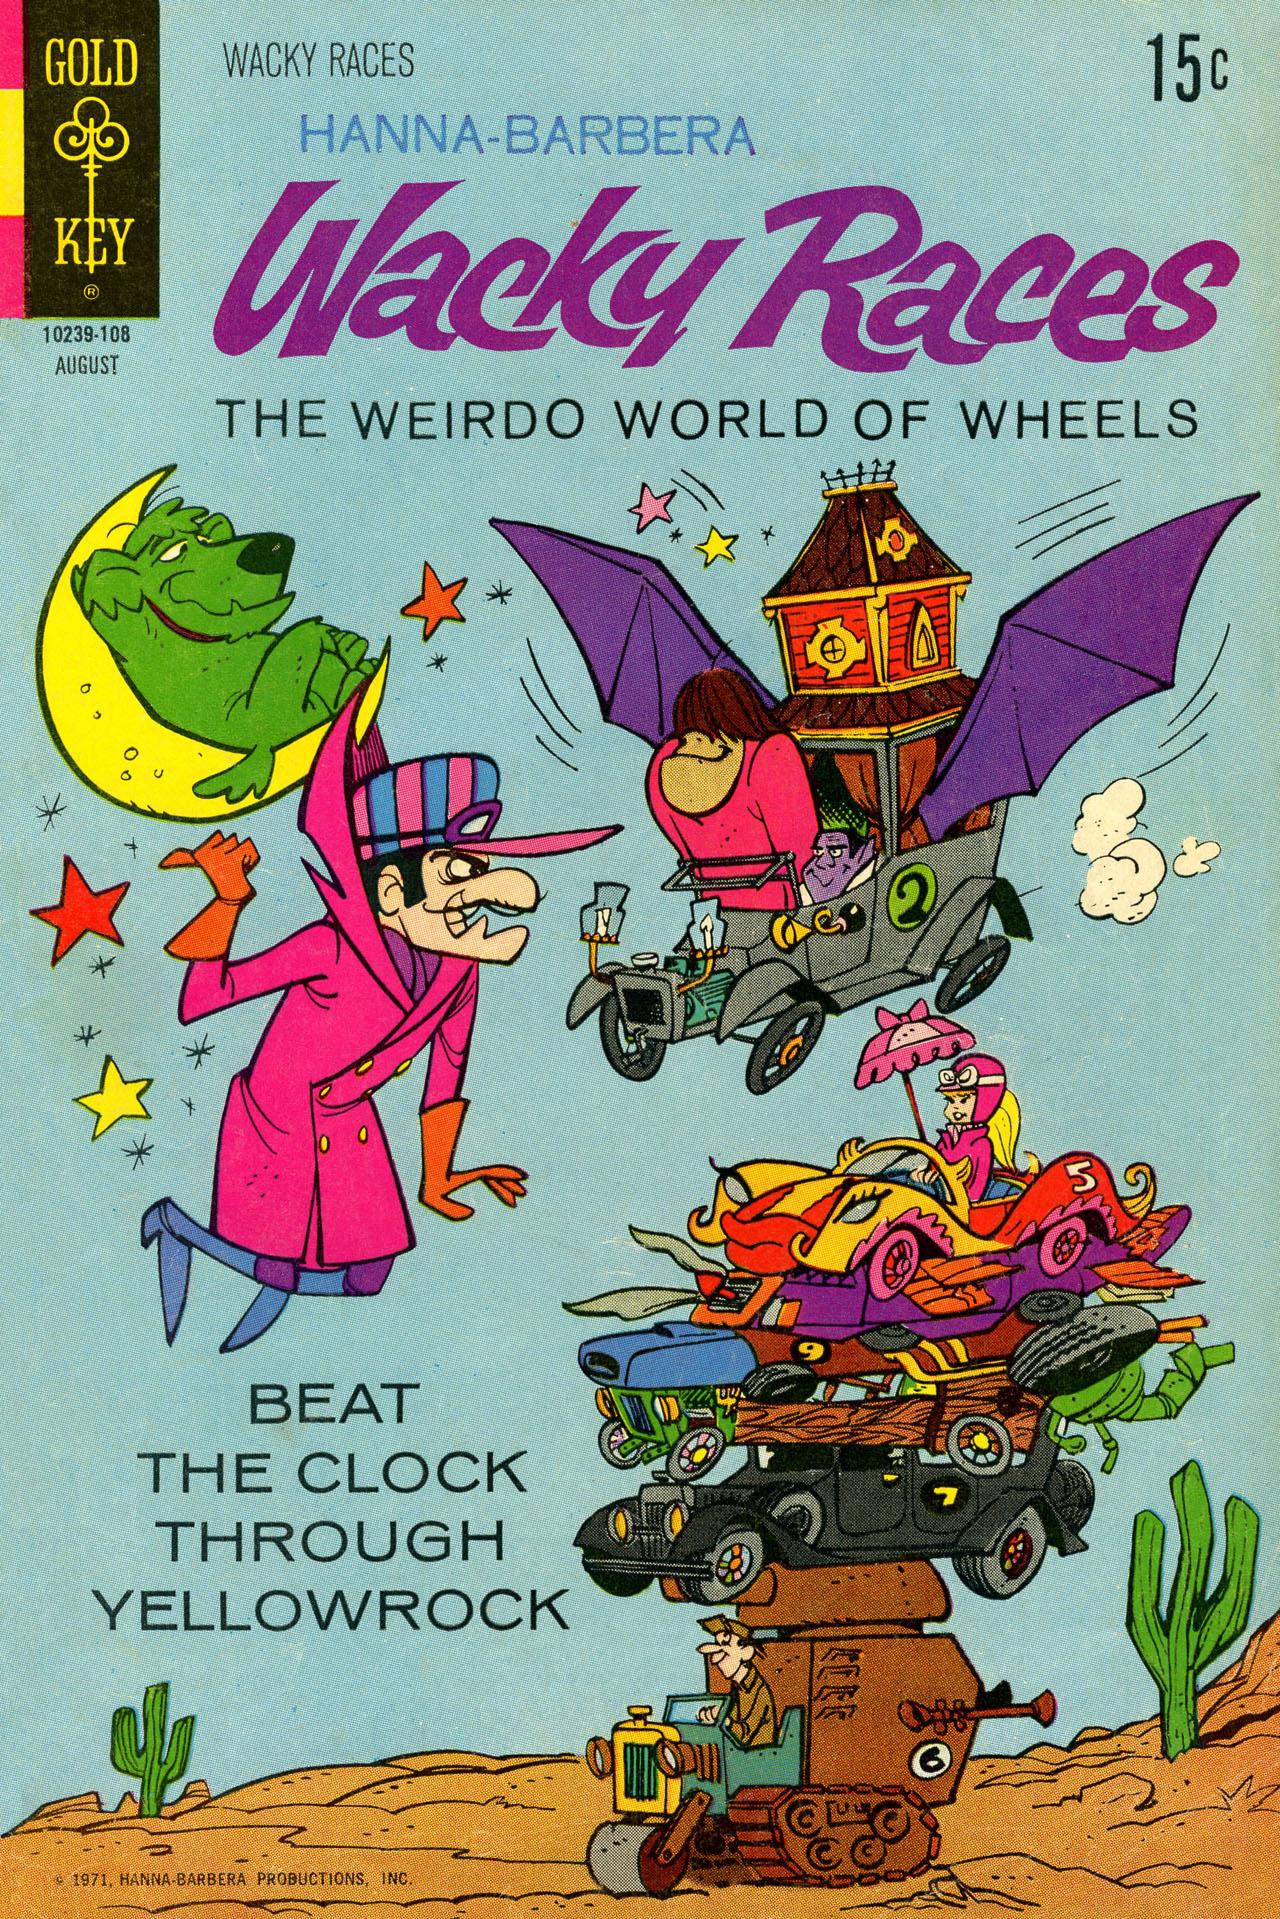 Hanna-Barbera Wacky Races 4 Page 1